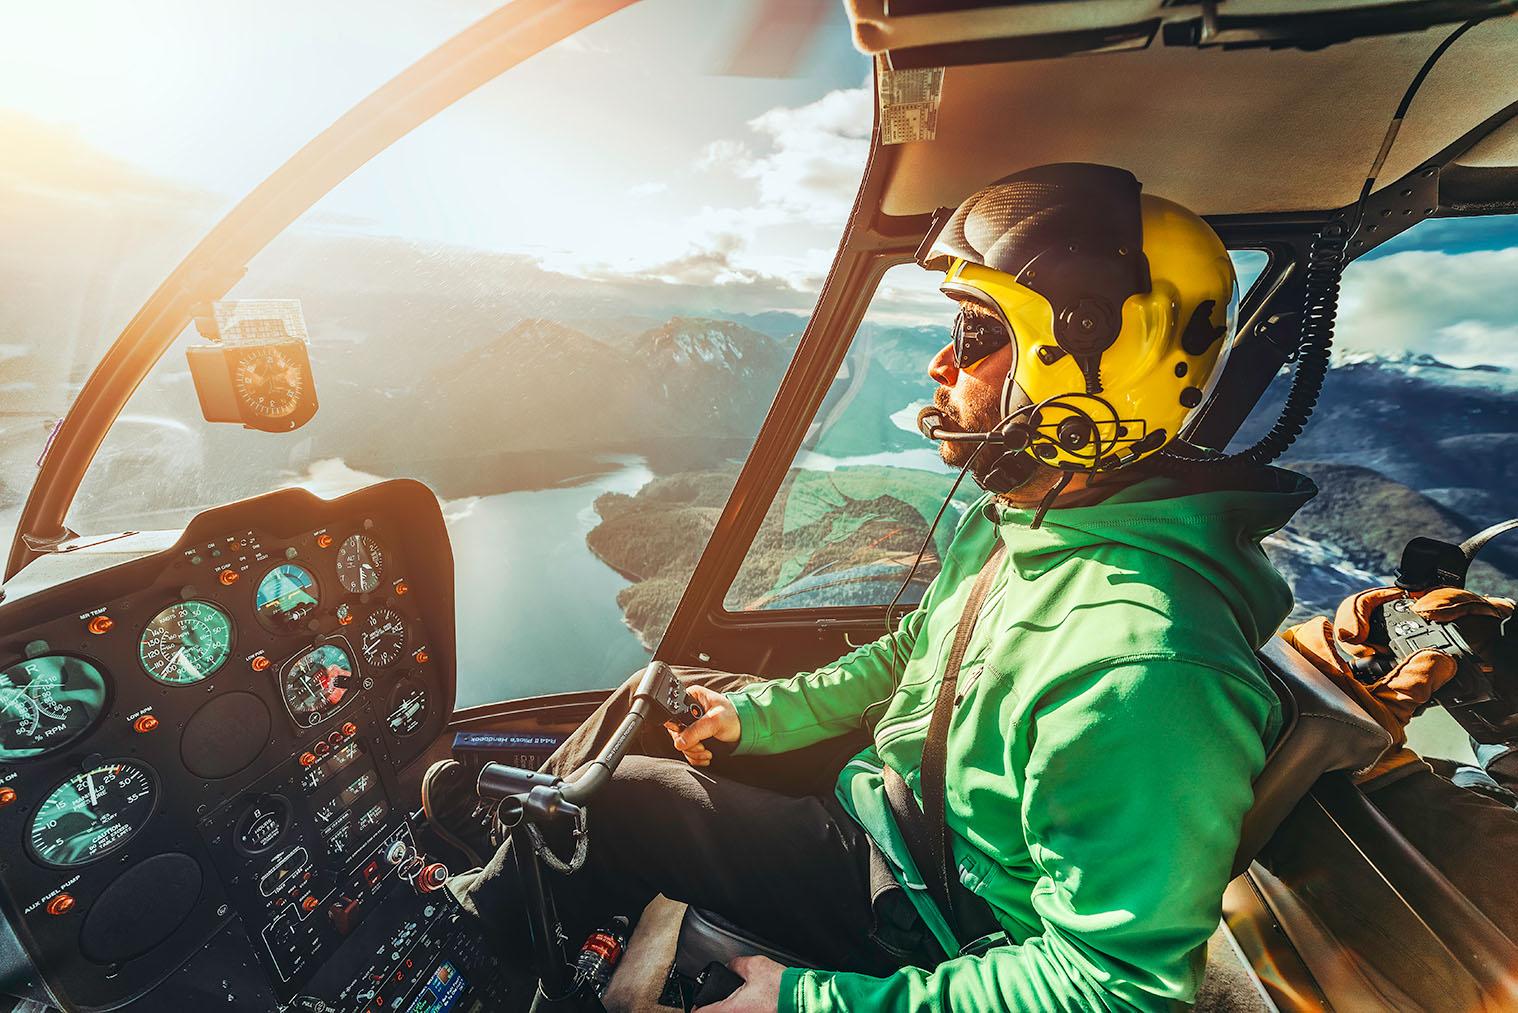 5.23.19_helicopter-pilot-VXTG8HK.jpg